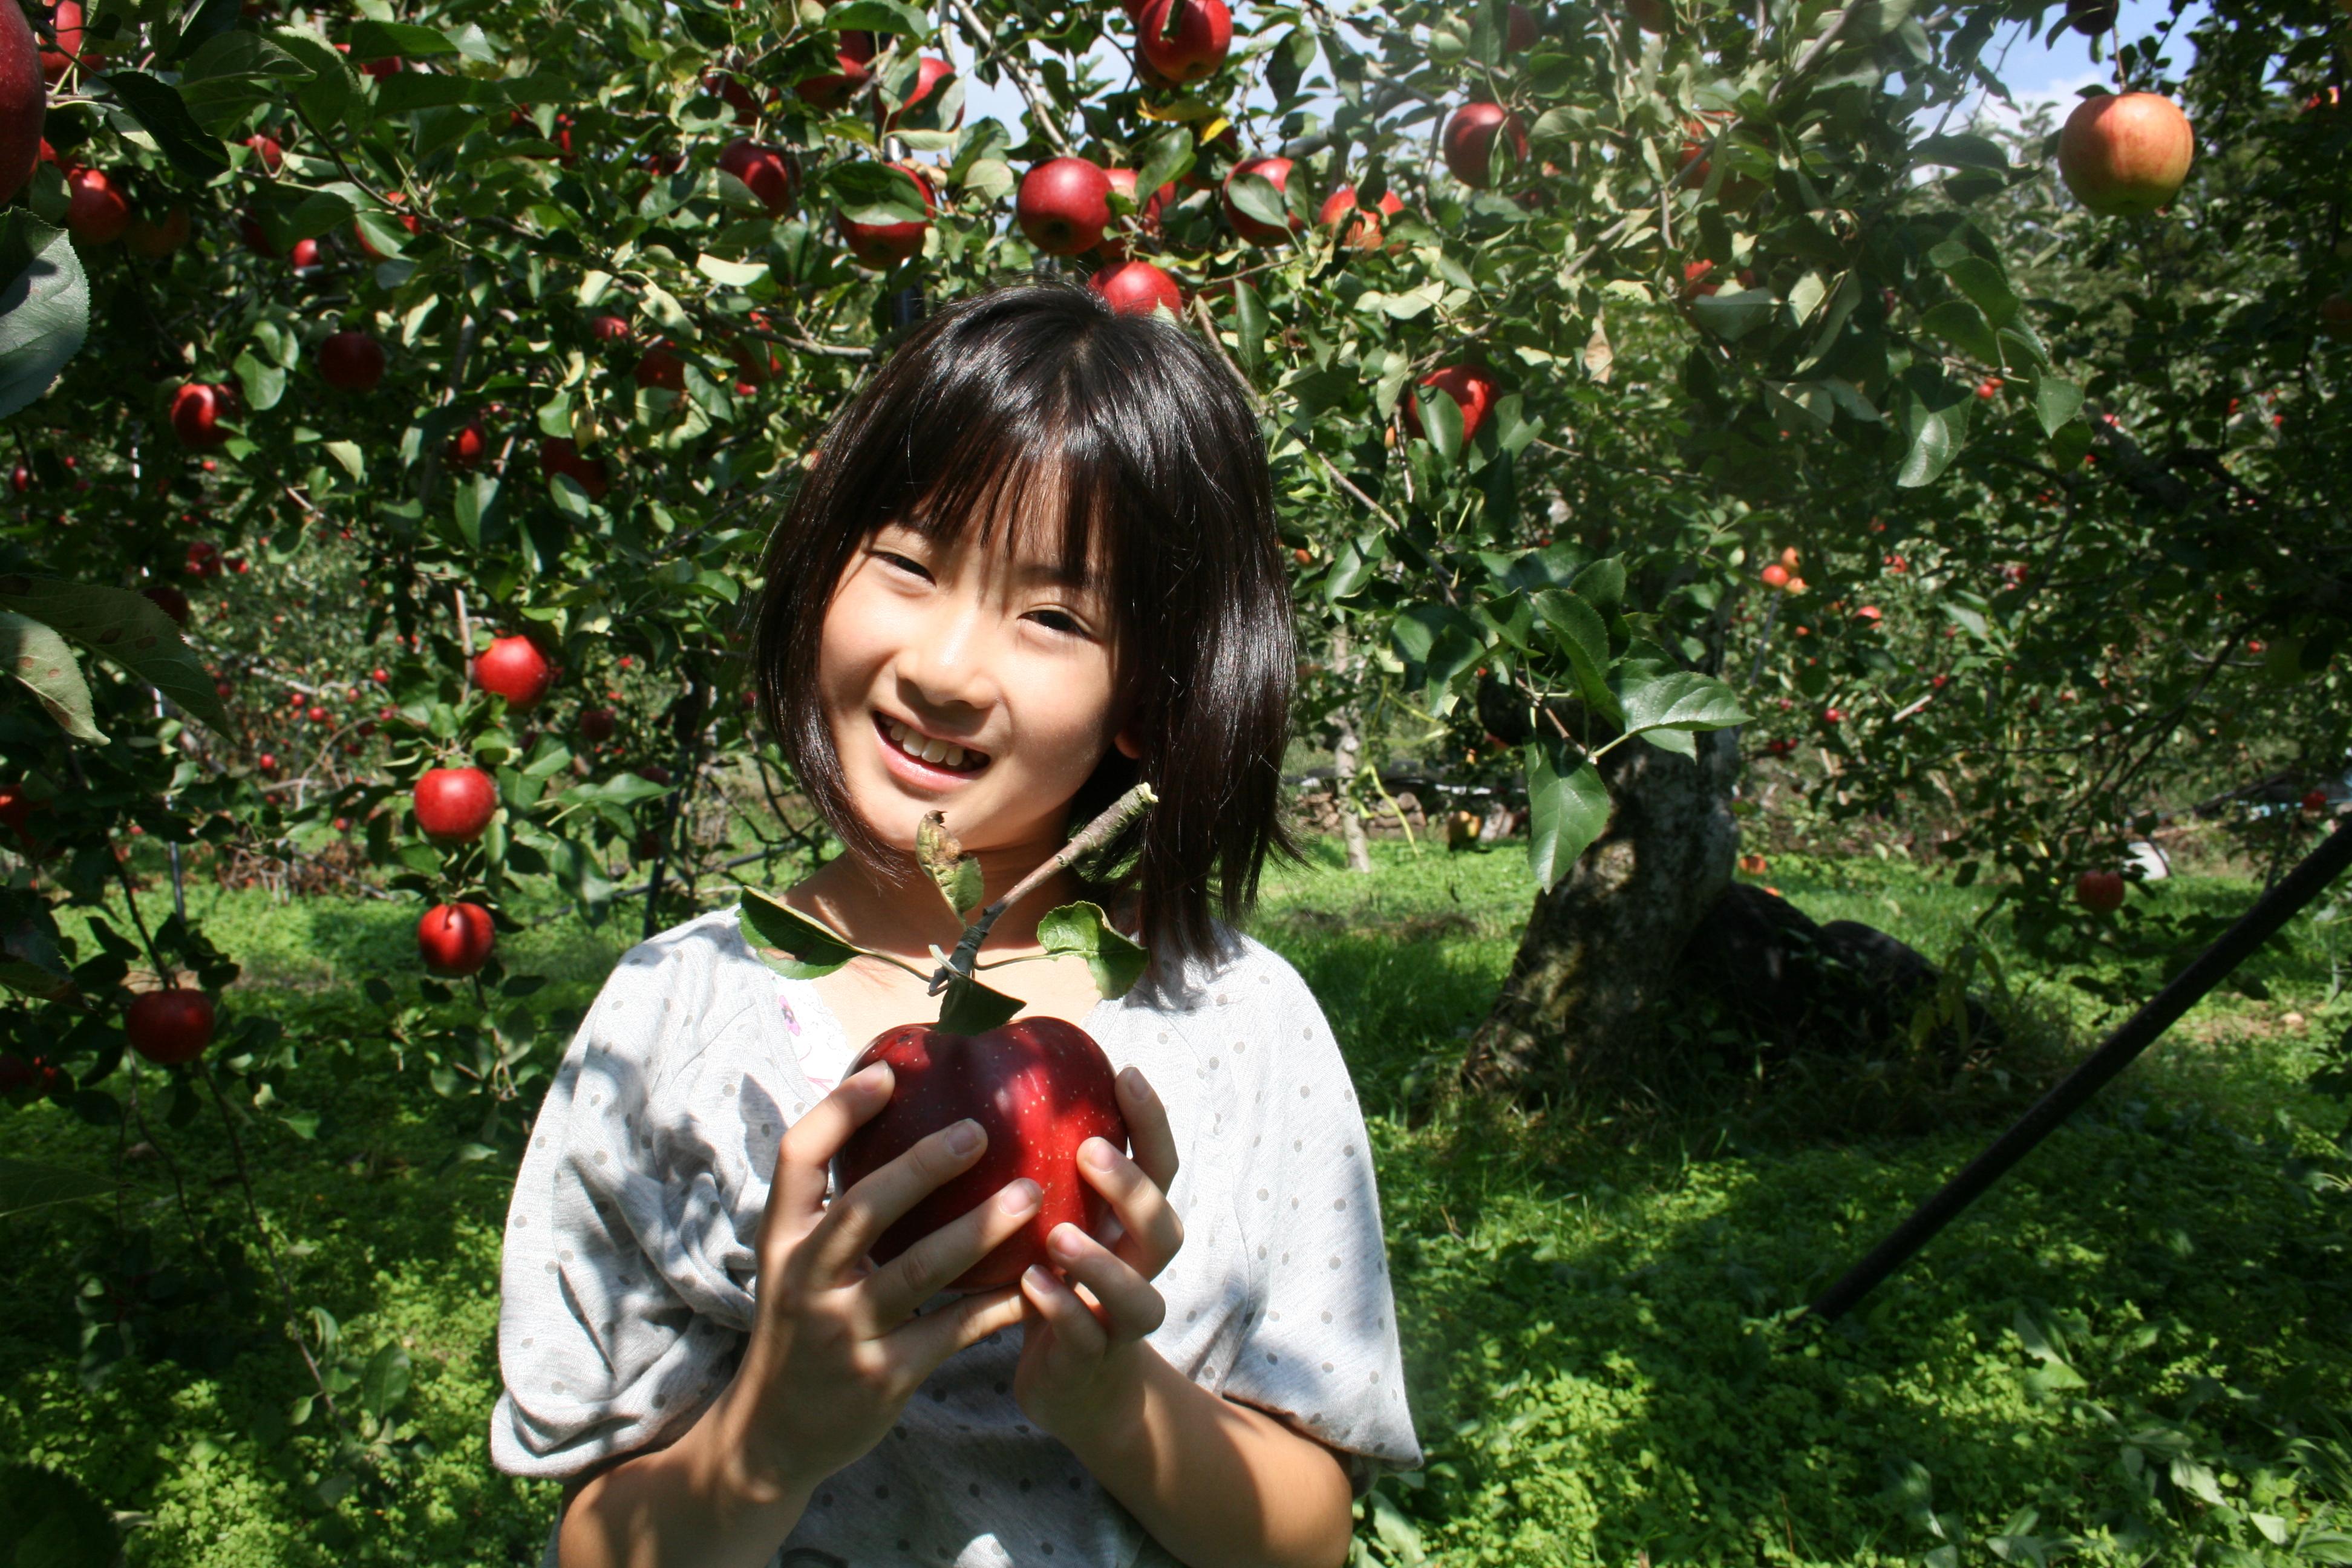 りんご畑でりんごを持つ少女。